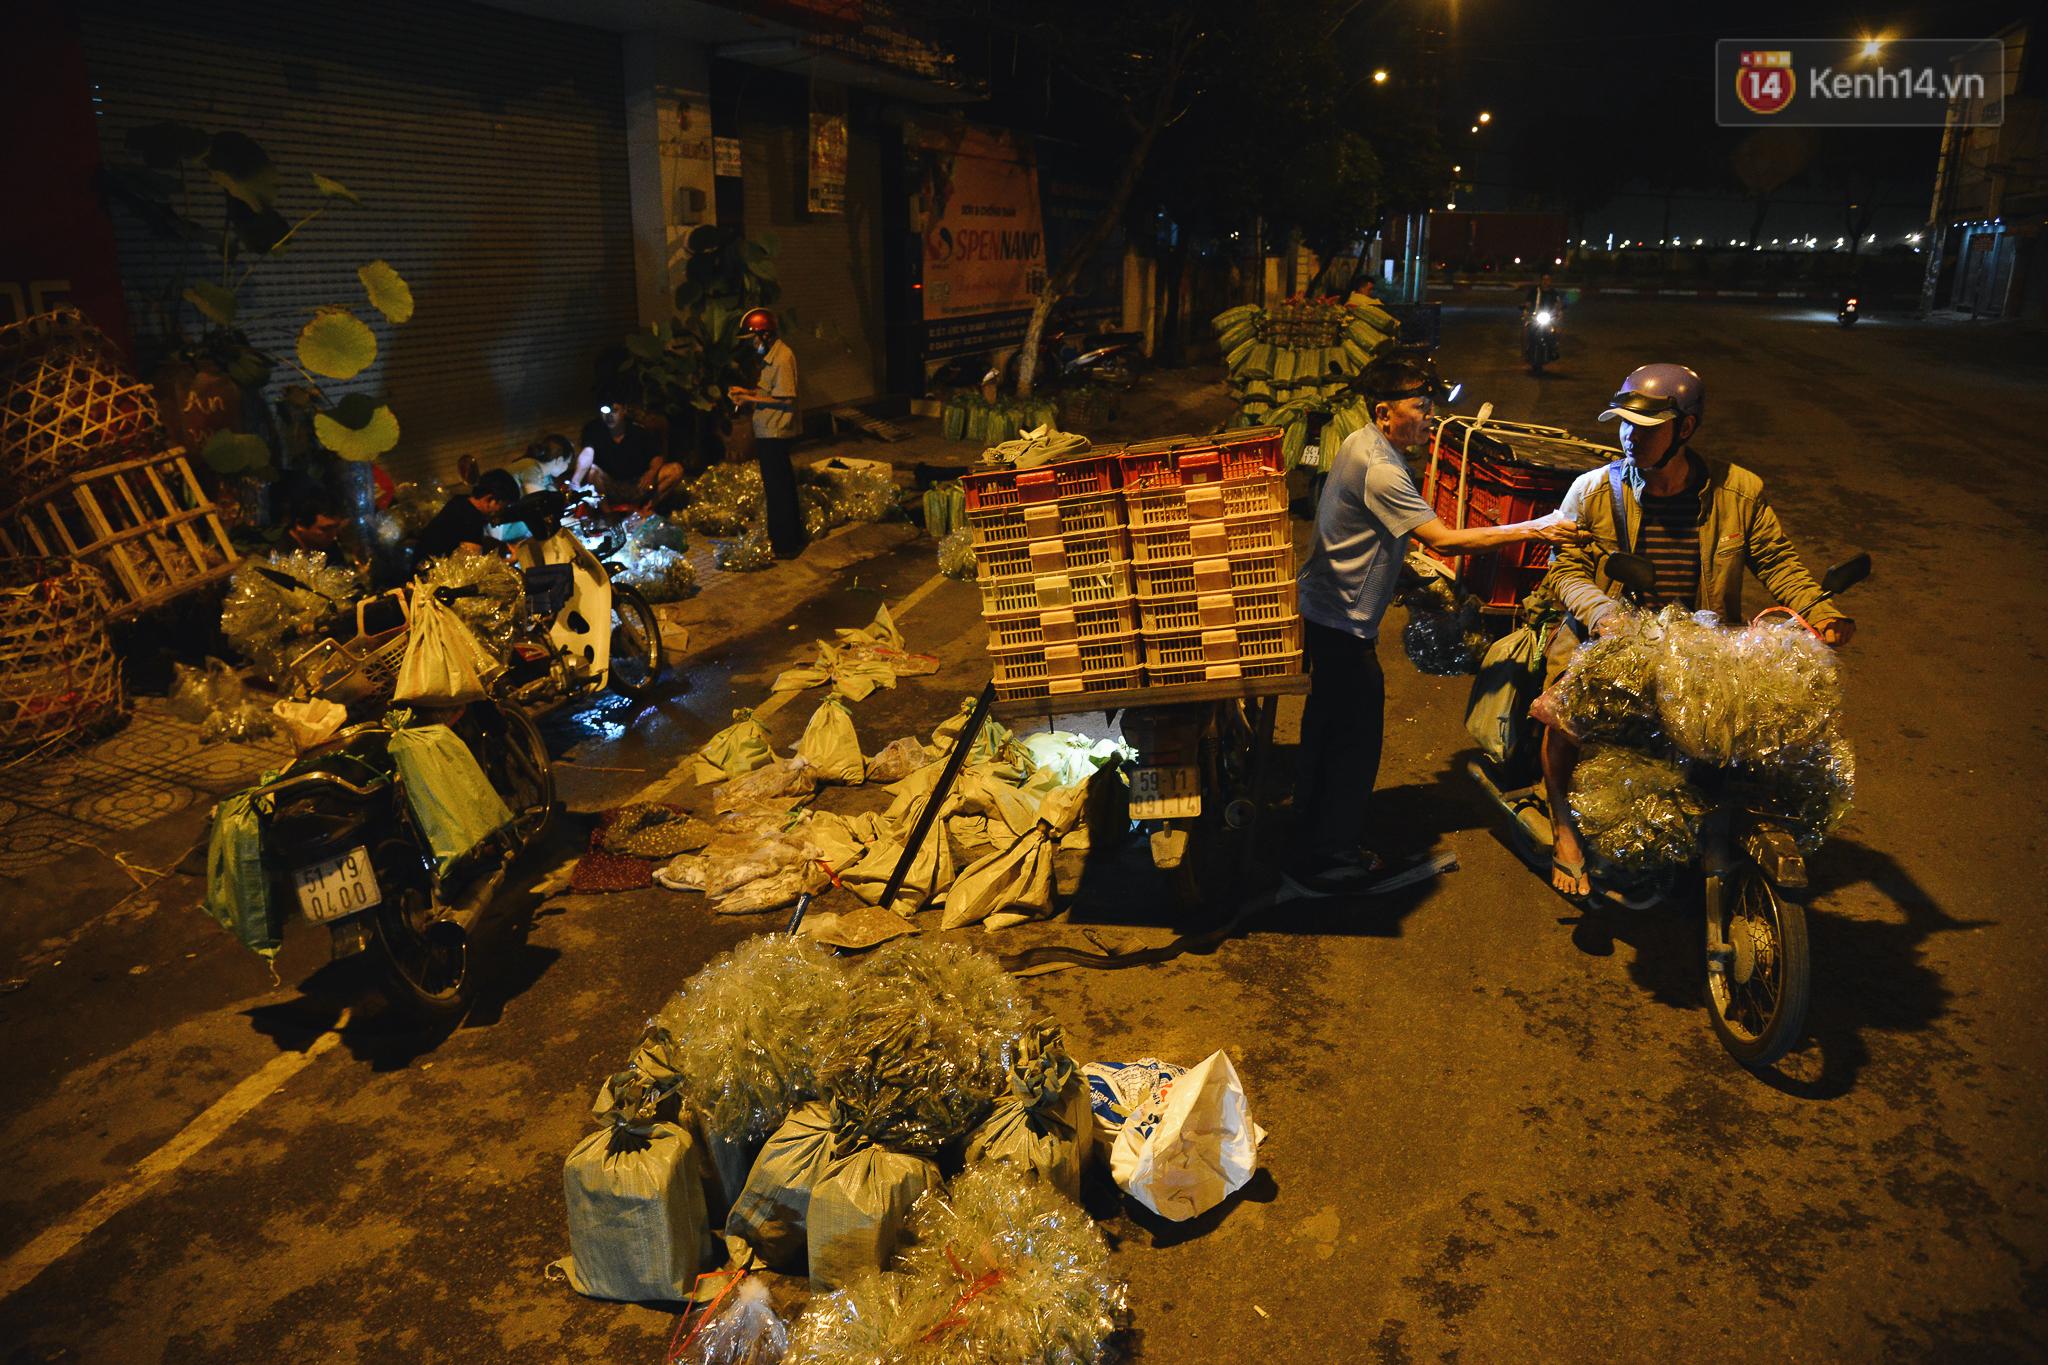 Cận cảnh chợ côn trùng độc nhất Sài Gòn, mỗi ngày chỉ họp đúng 2 tiếng lúc nửa đêm - Ảnh 1.